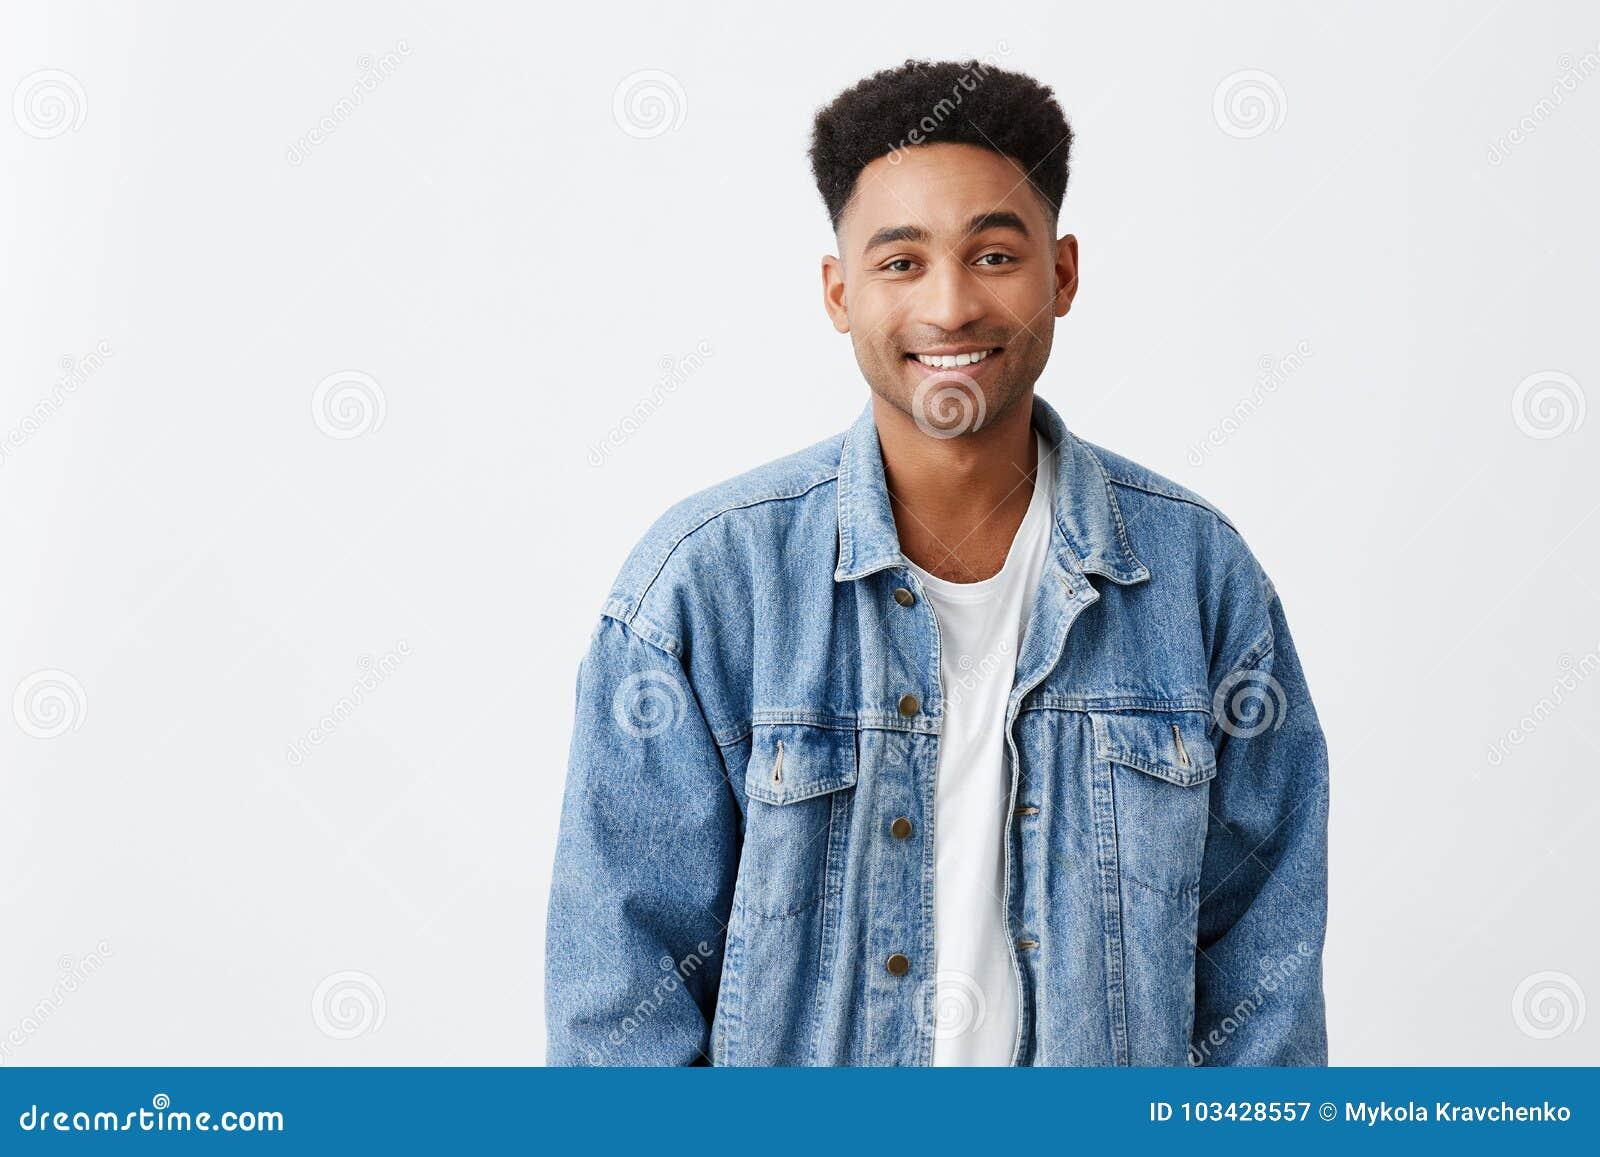 Sluit omhoog geïsoleerd op wit portret van jonge mooie vrolijke donker-gevilde mannelijke universitaire student met afrokapsel